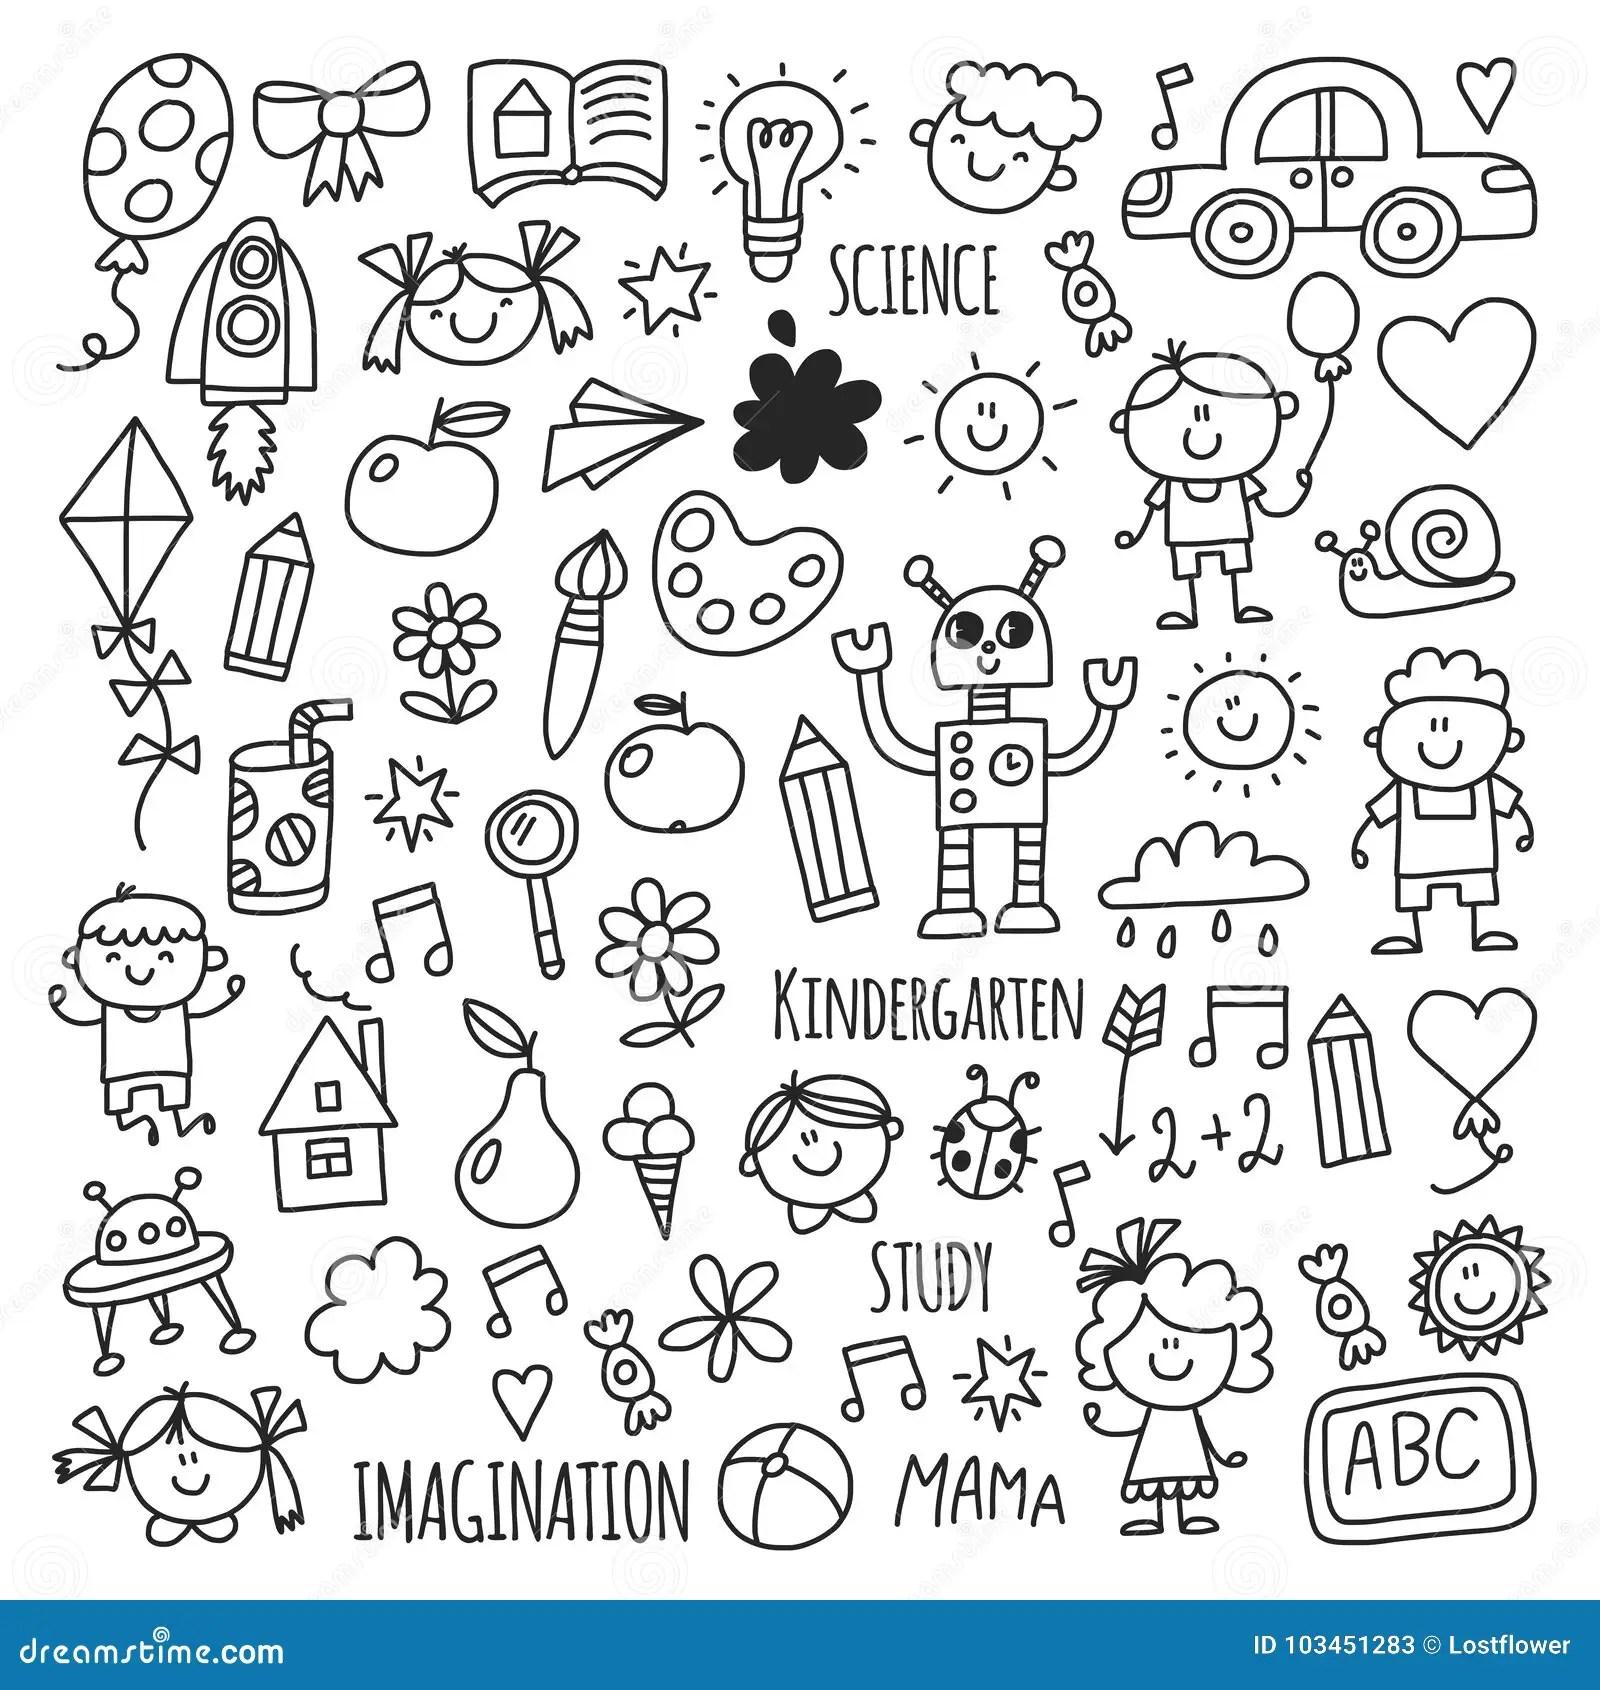 School Kindergarten Happy Children Creativity